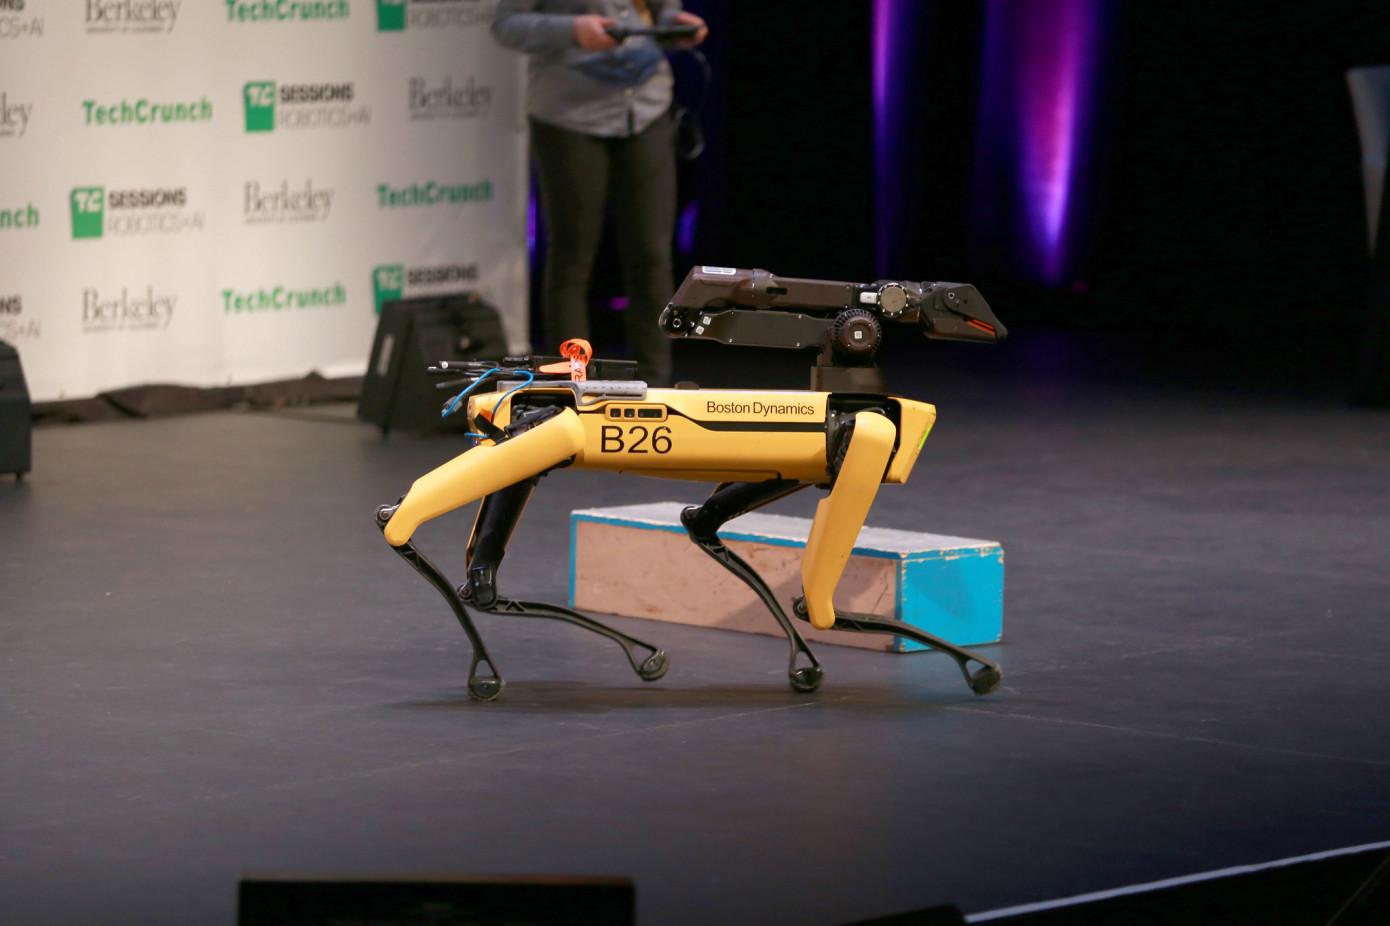 波士顿动力机器狗终于要量产 夏季公布售价